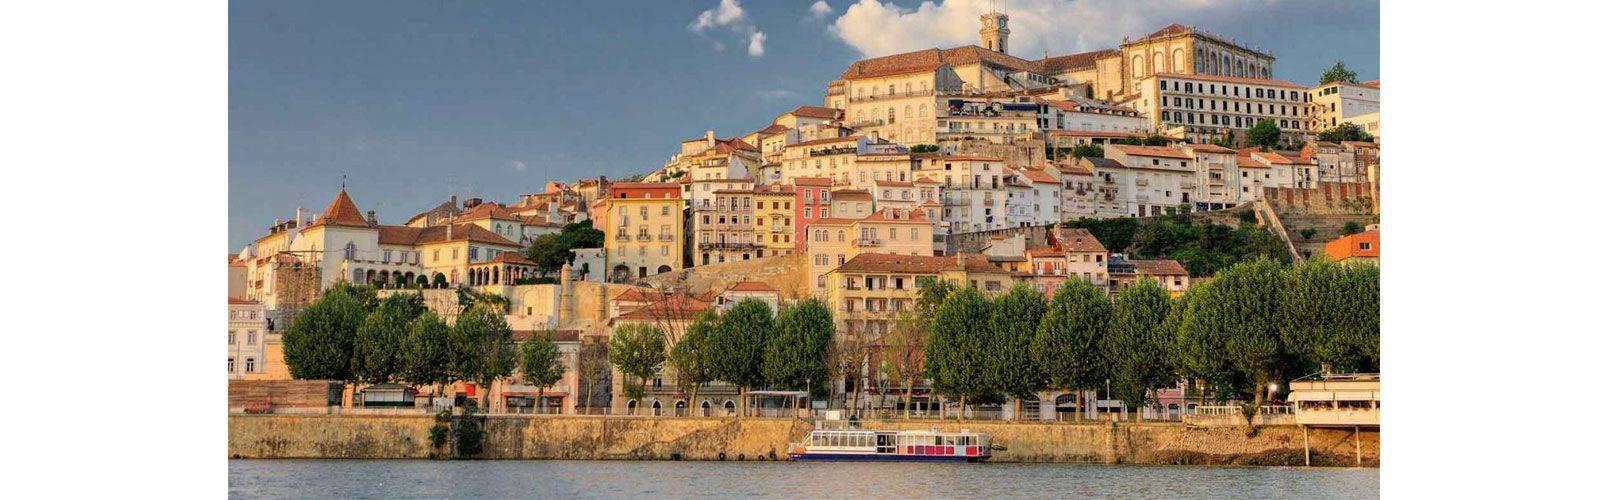 http://www.revistaport.com/coimbra-e-a-capital-oficial-de-portugal/